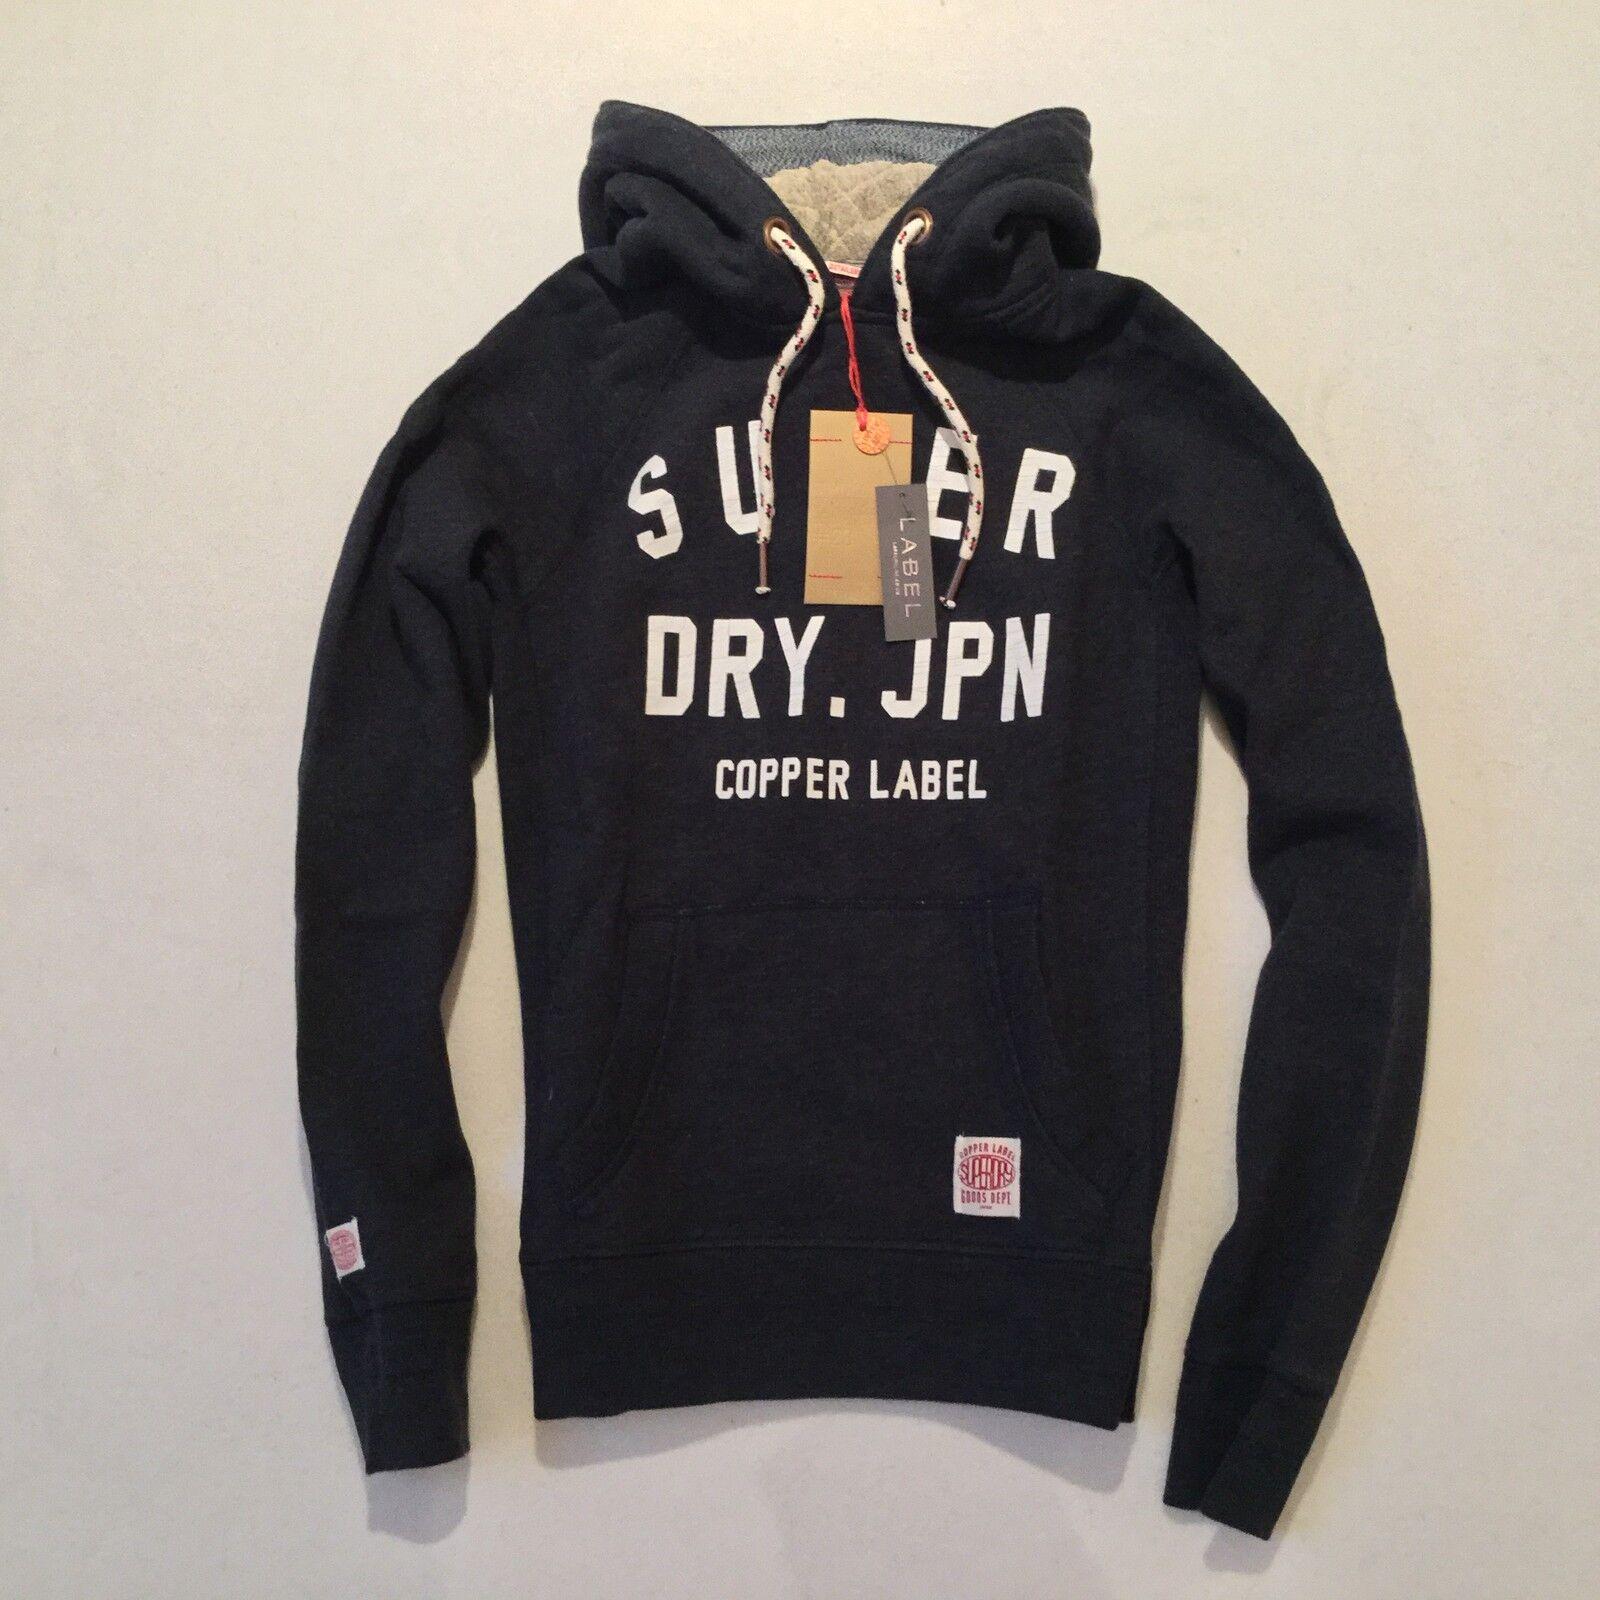 Herren Superdry Copper Label Piston Hoodie sweatshirt  hoody rrp